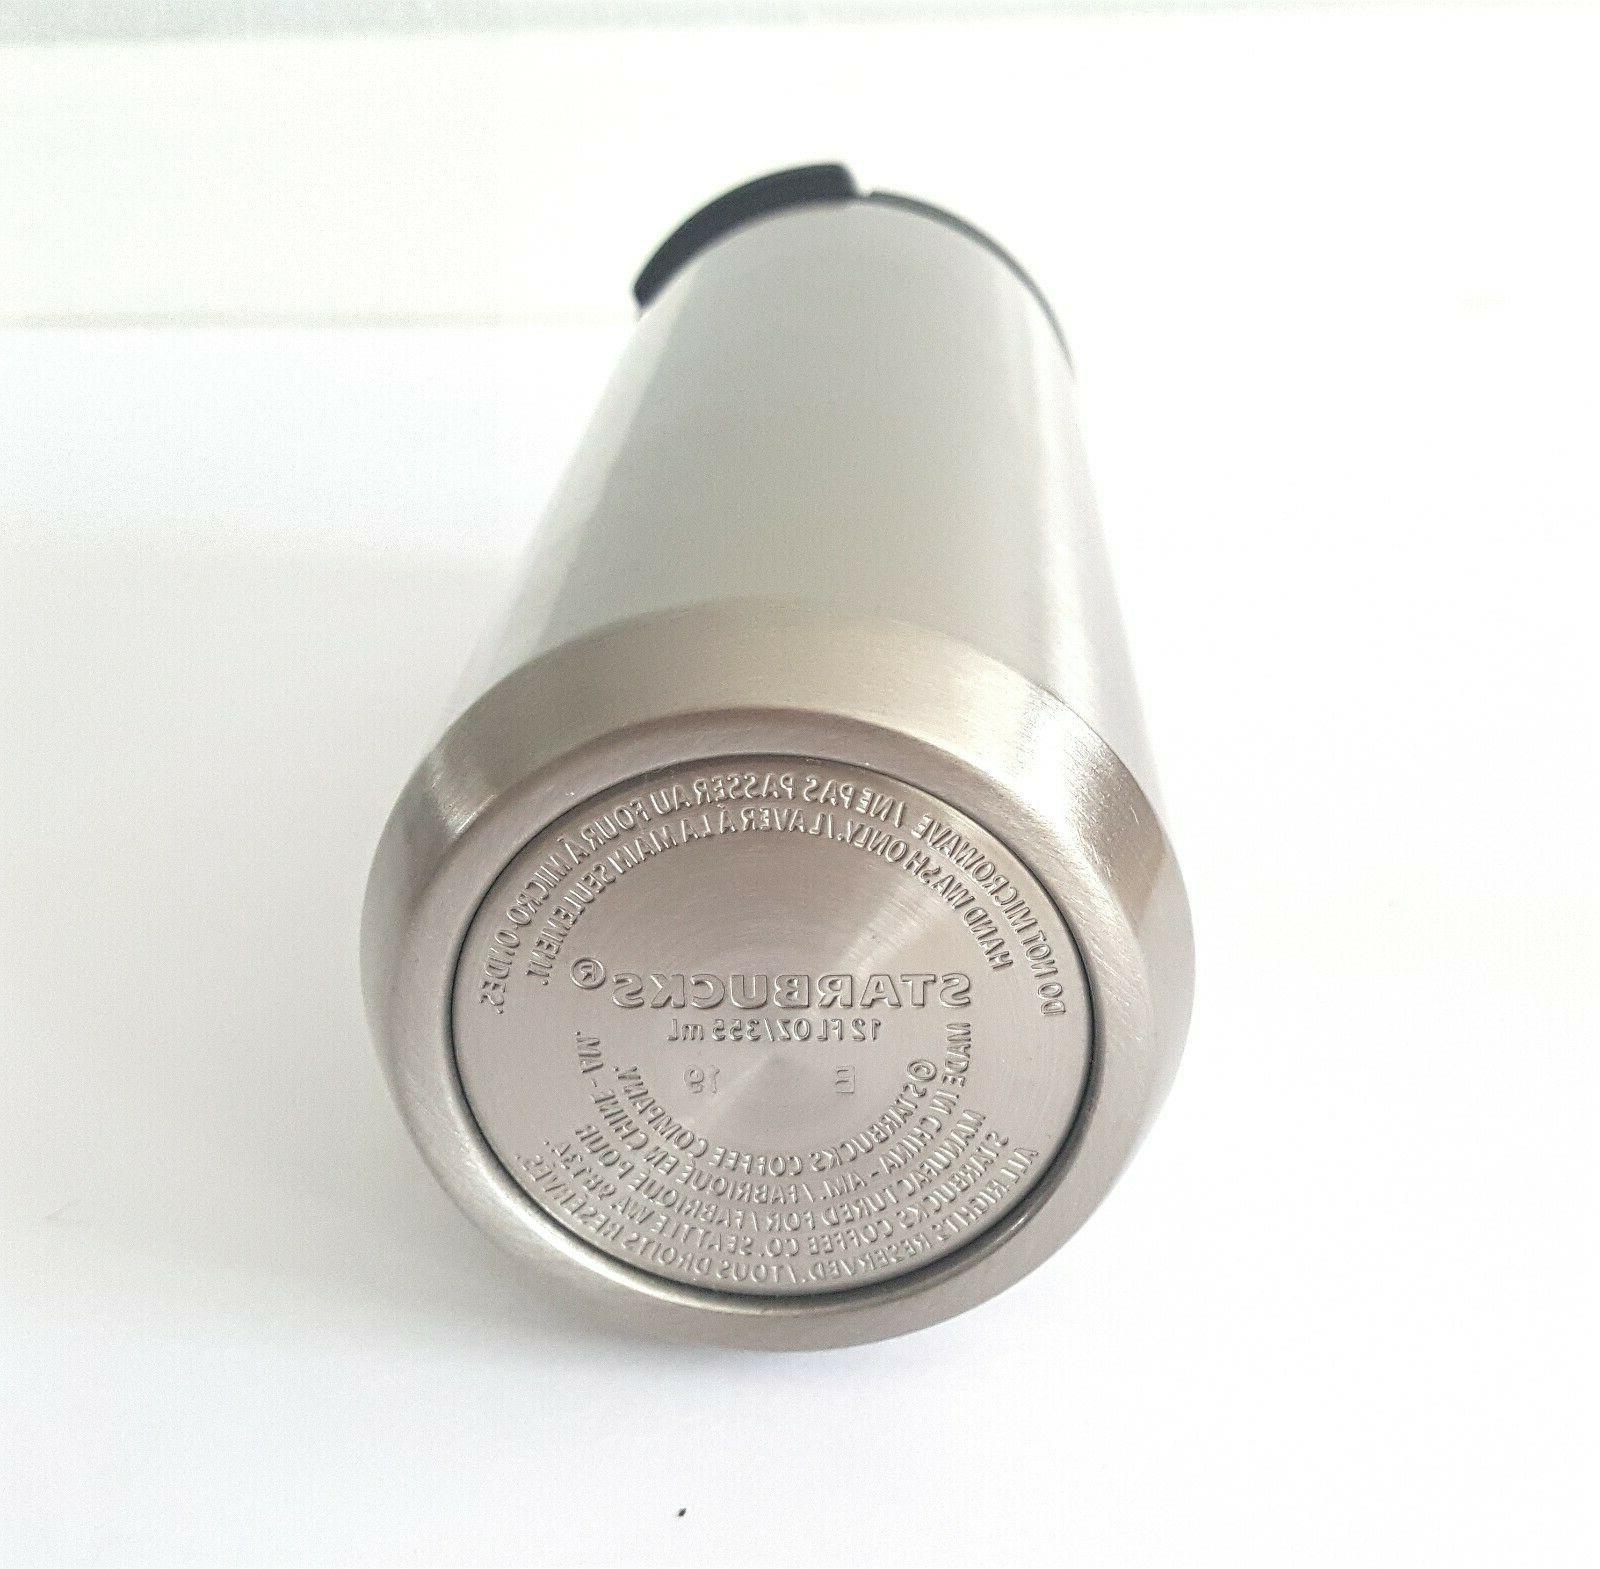 Starbucks oz 12 oz Vacuum Stainless Steel - 17% MSRP